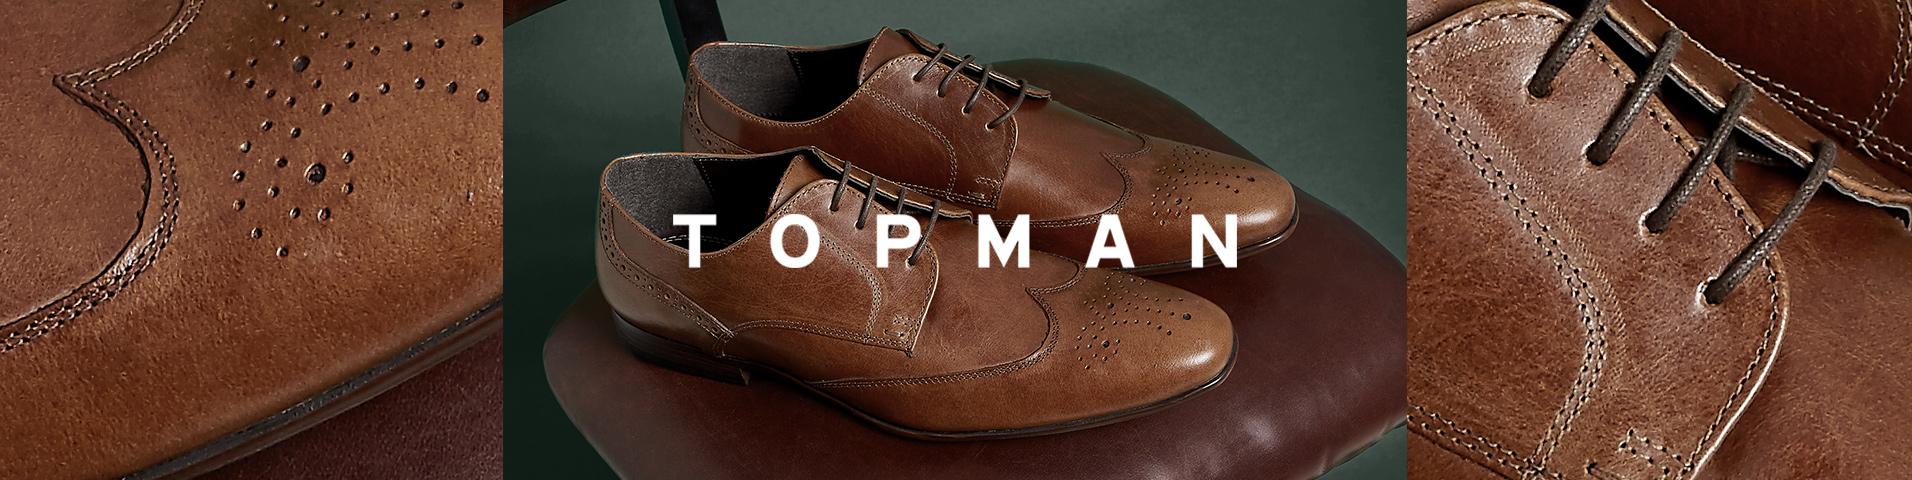 Chaussures homme Topman marron | Large choix en ligne sur